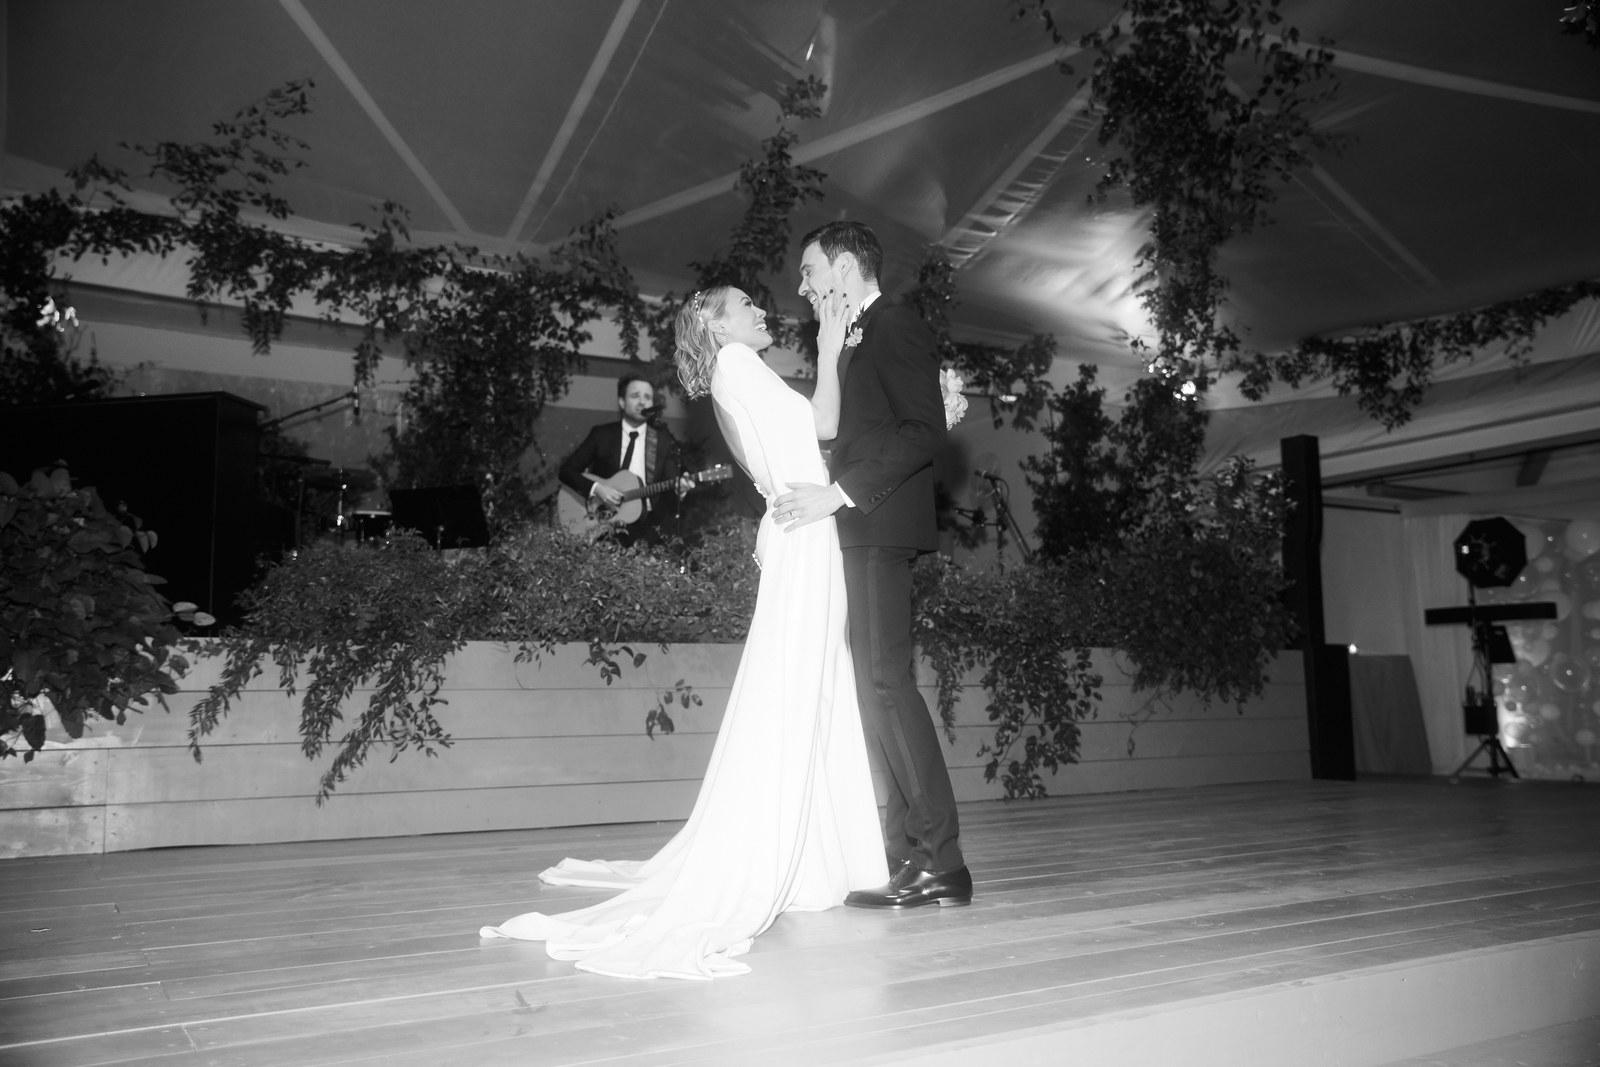 Фотографии со свадьбы Хилари Дафф и Мэттью Комы